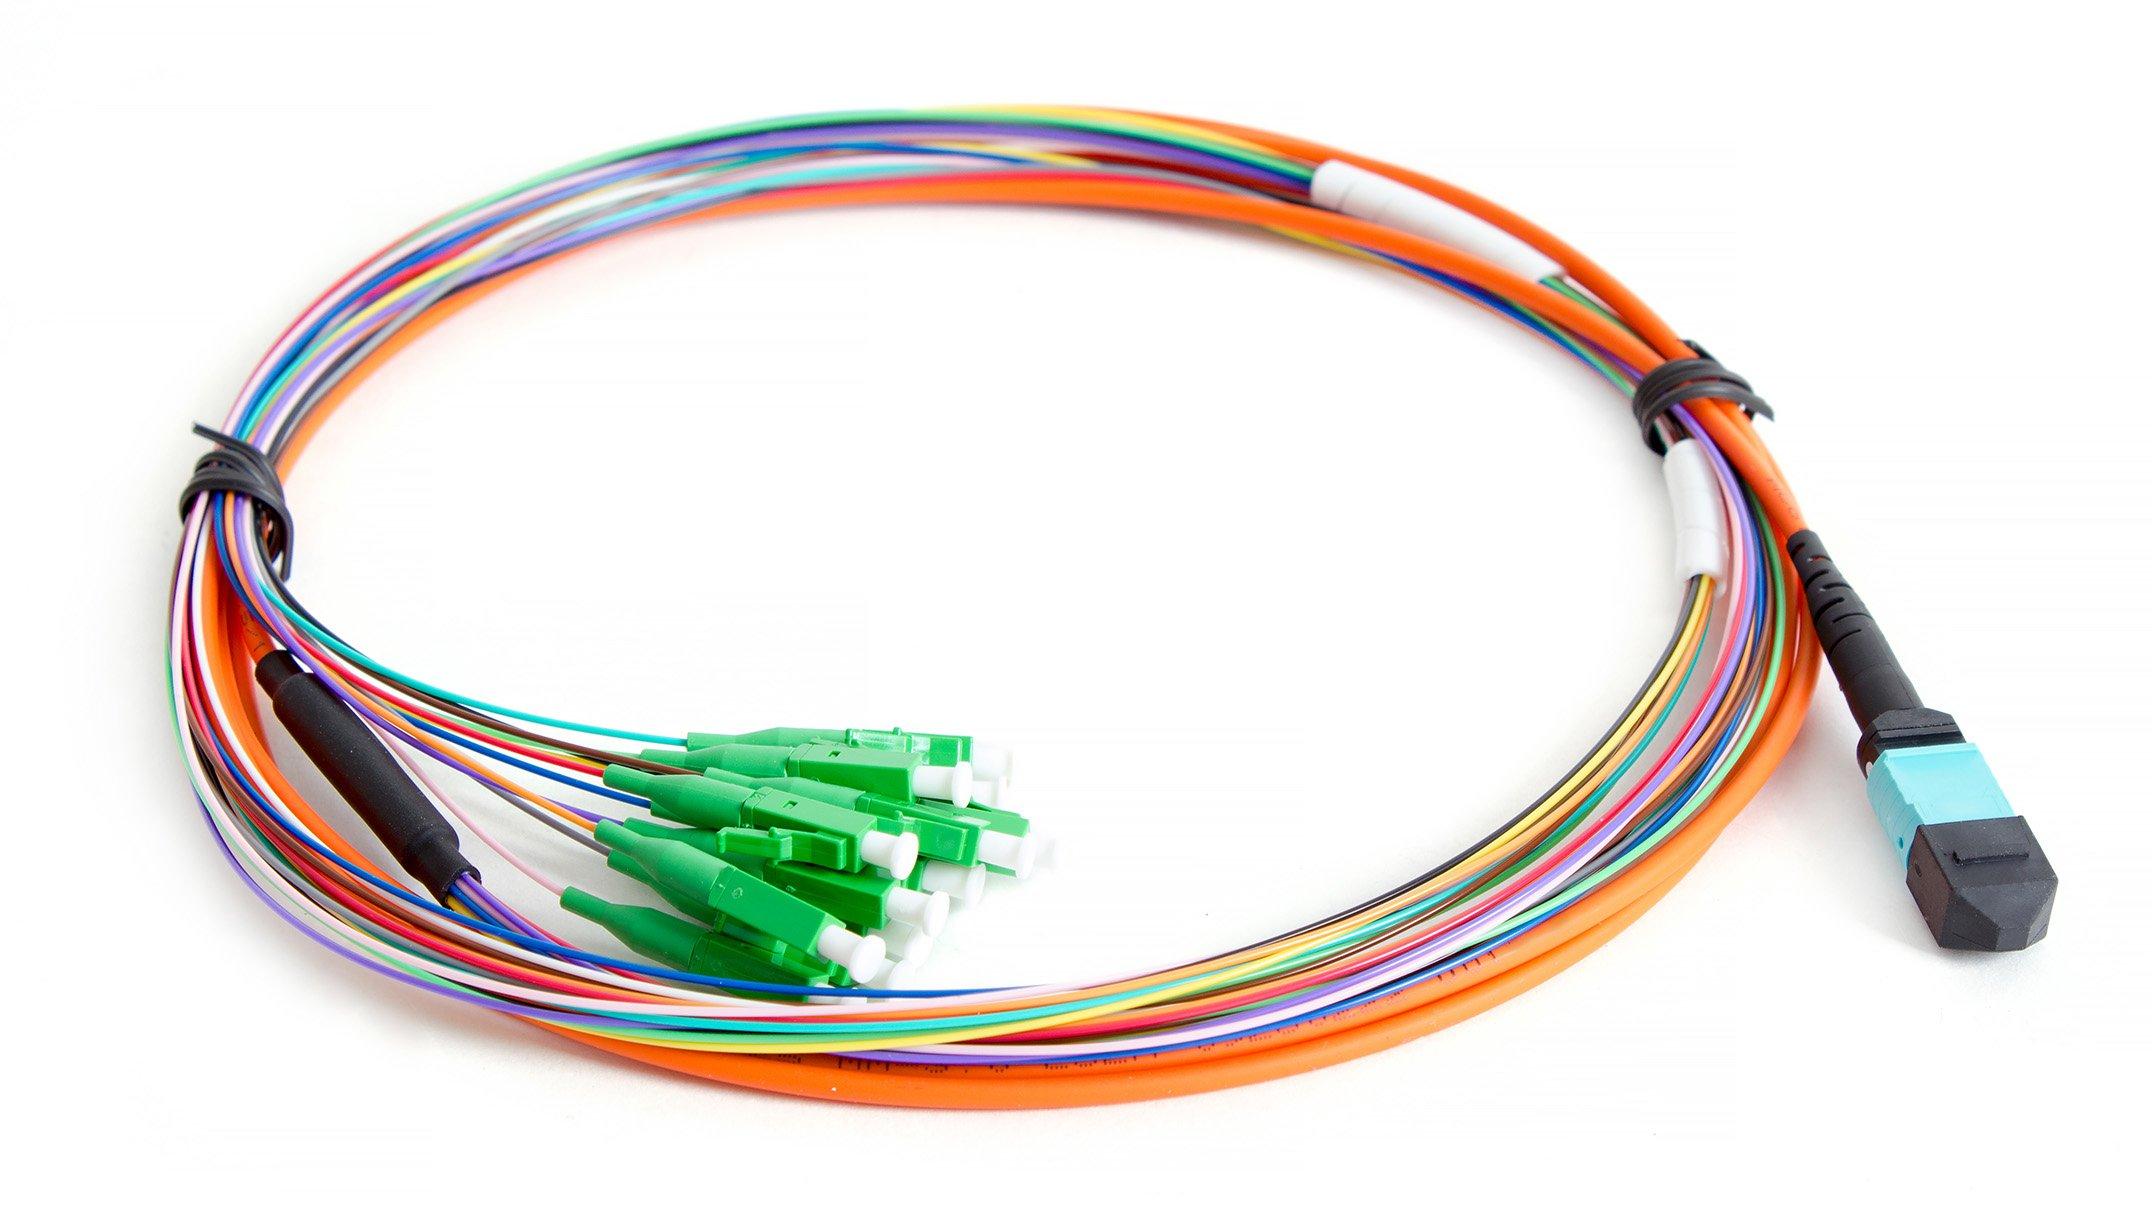 fiber-optic-cable-connectors-tampa